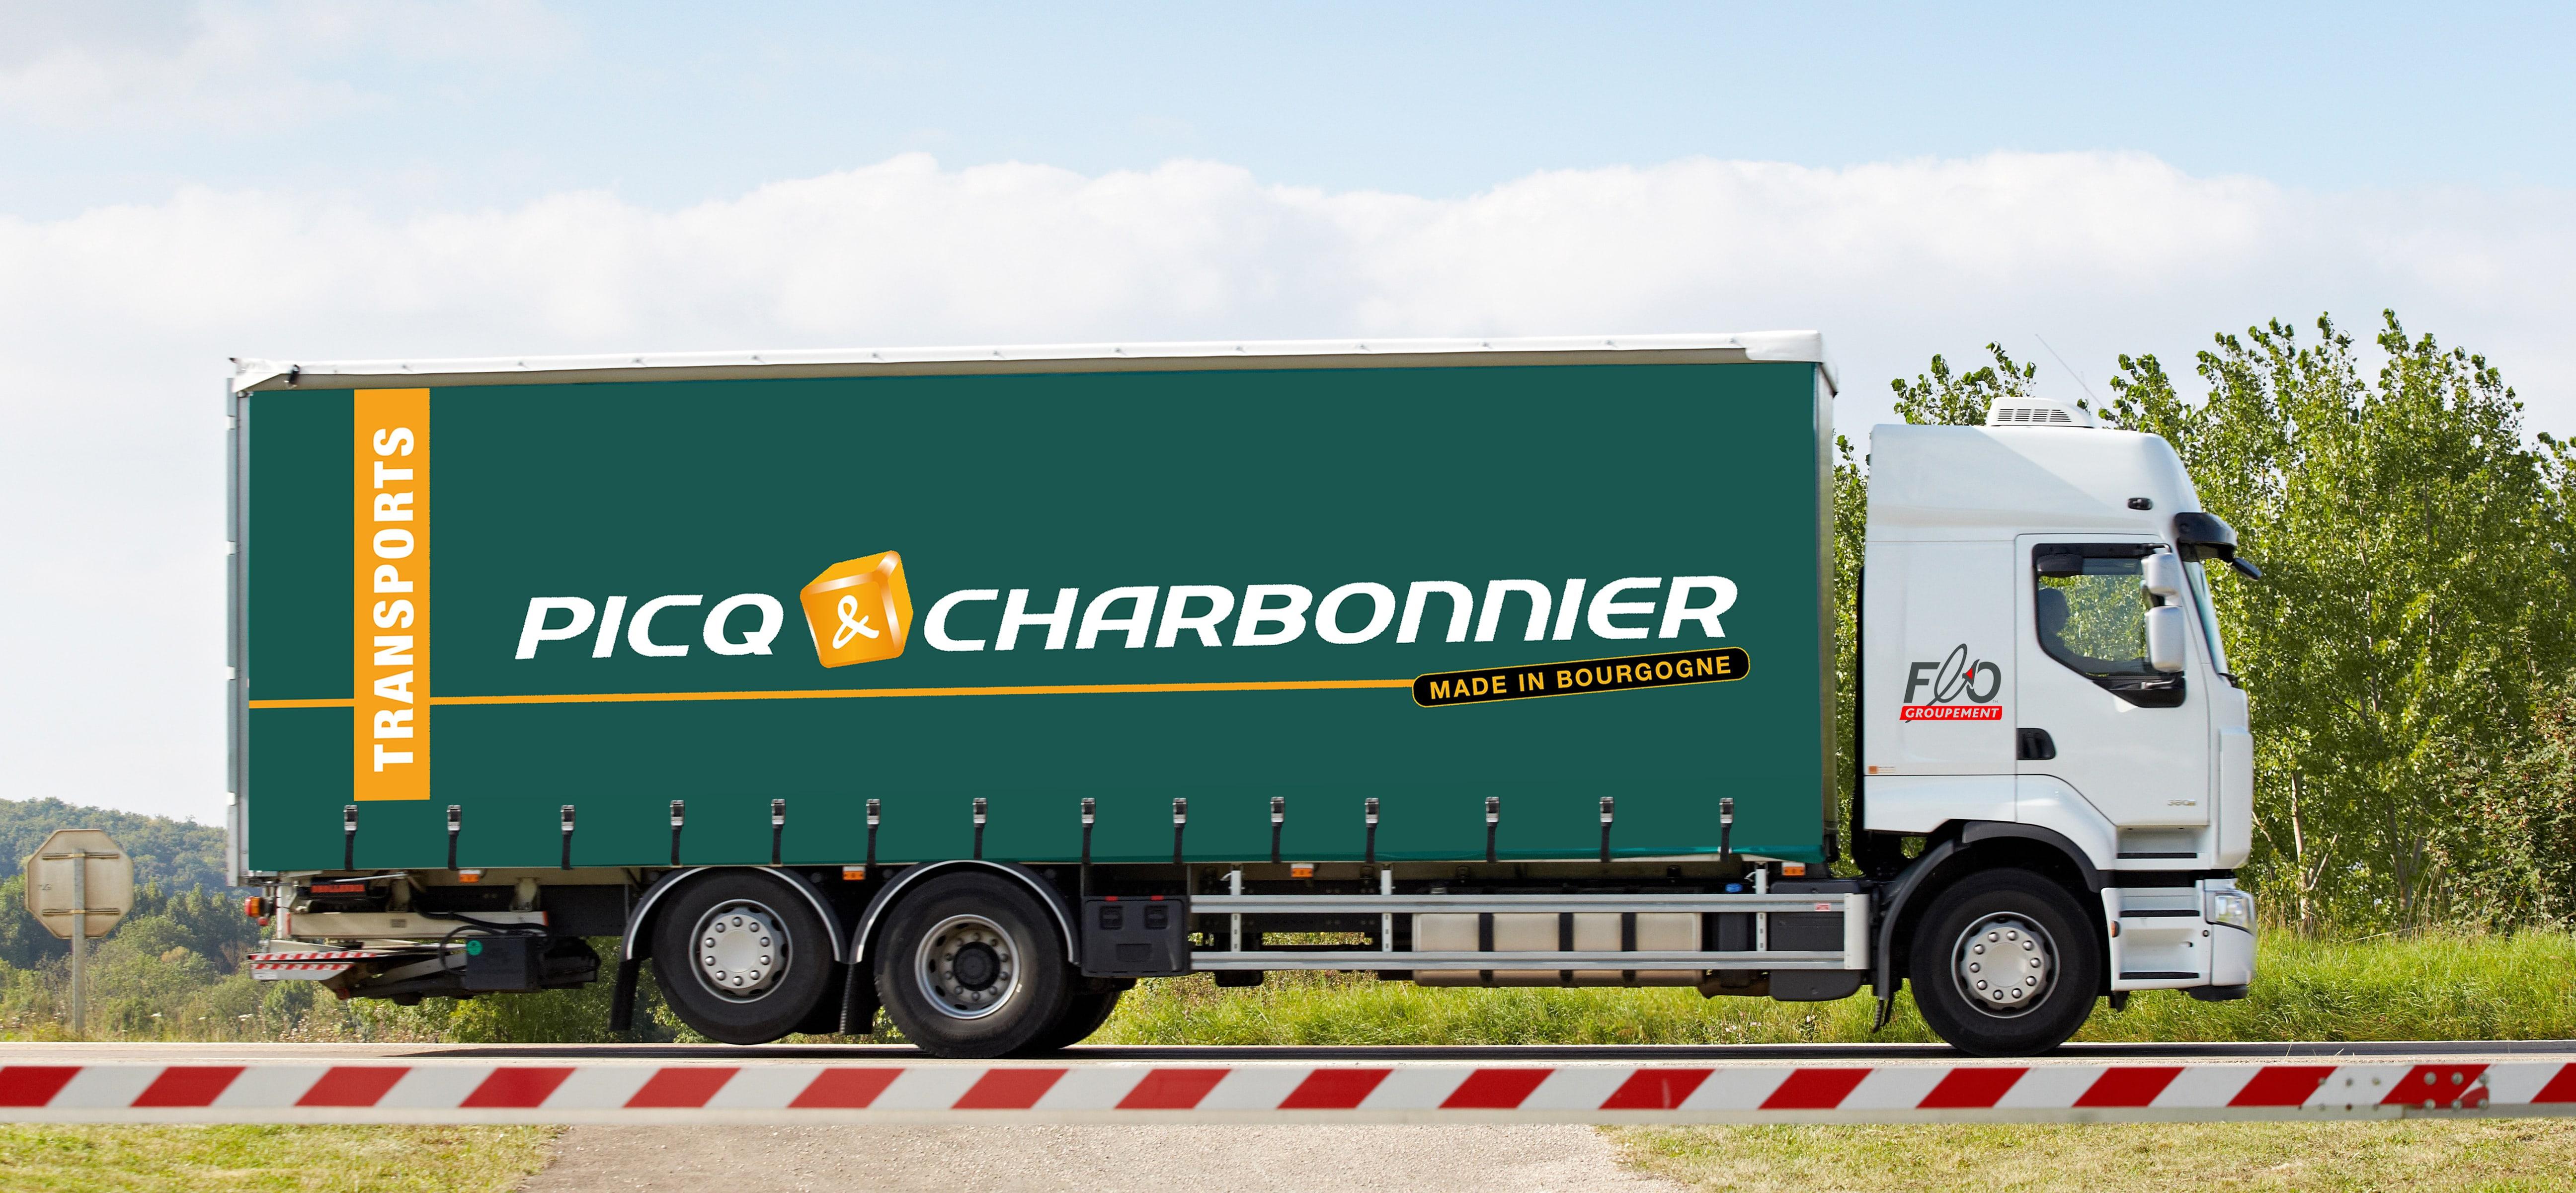 Porteur Picq & Charbonnier